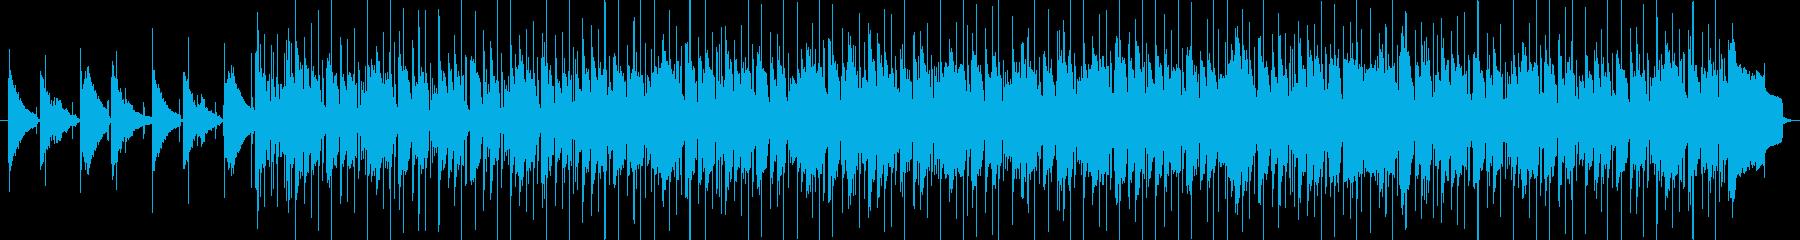 ファンク、お洒落、チルアウトの再生済みの波形